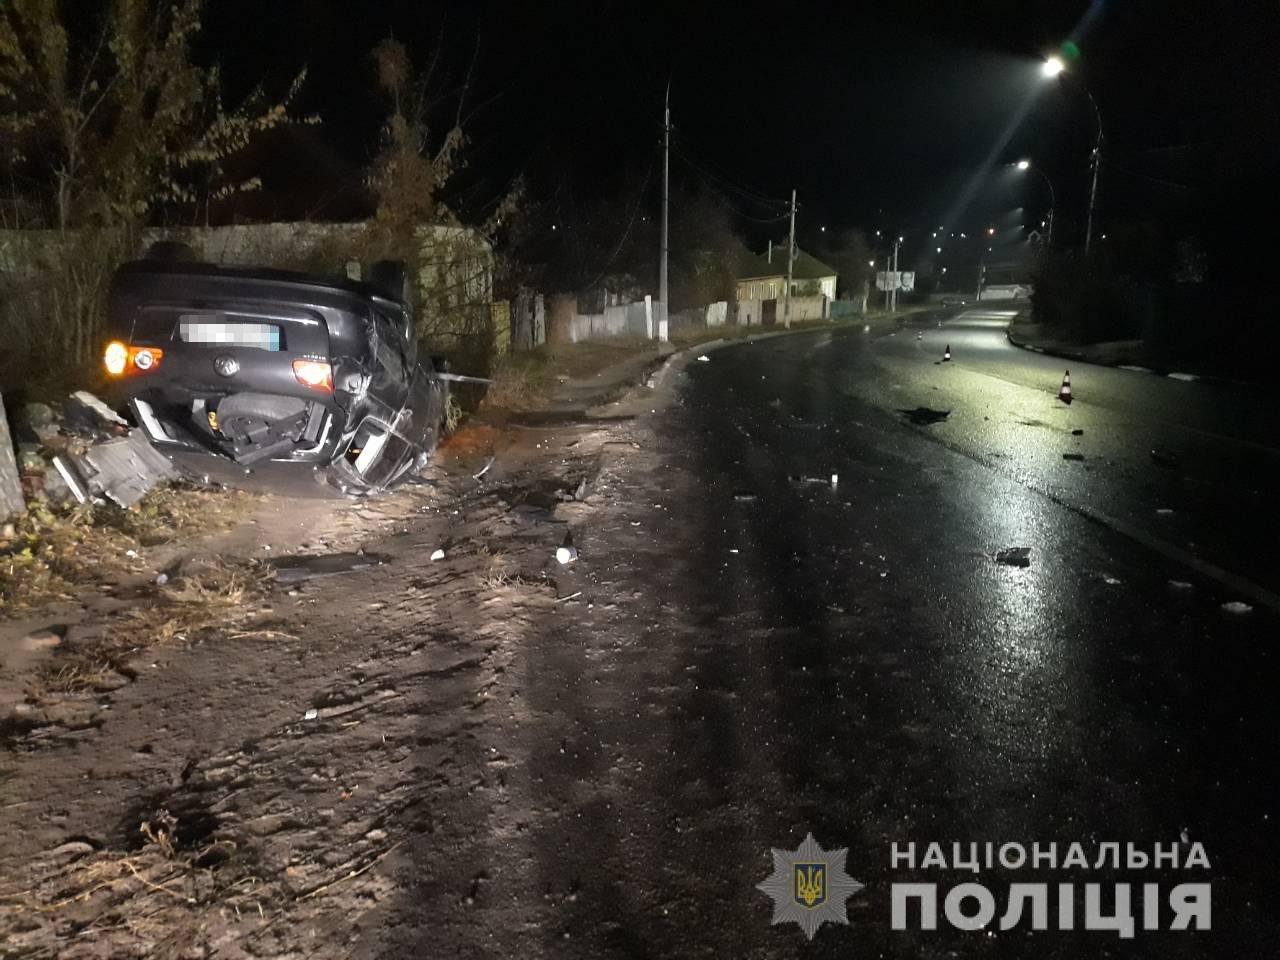 Под Харьковом парень взял машину у отца и врезался в столб. Погибла девушка, - ФОТО, фото-1